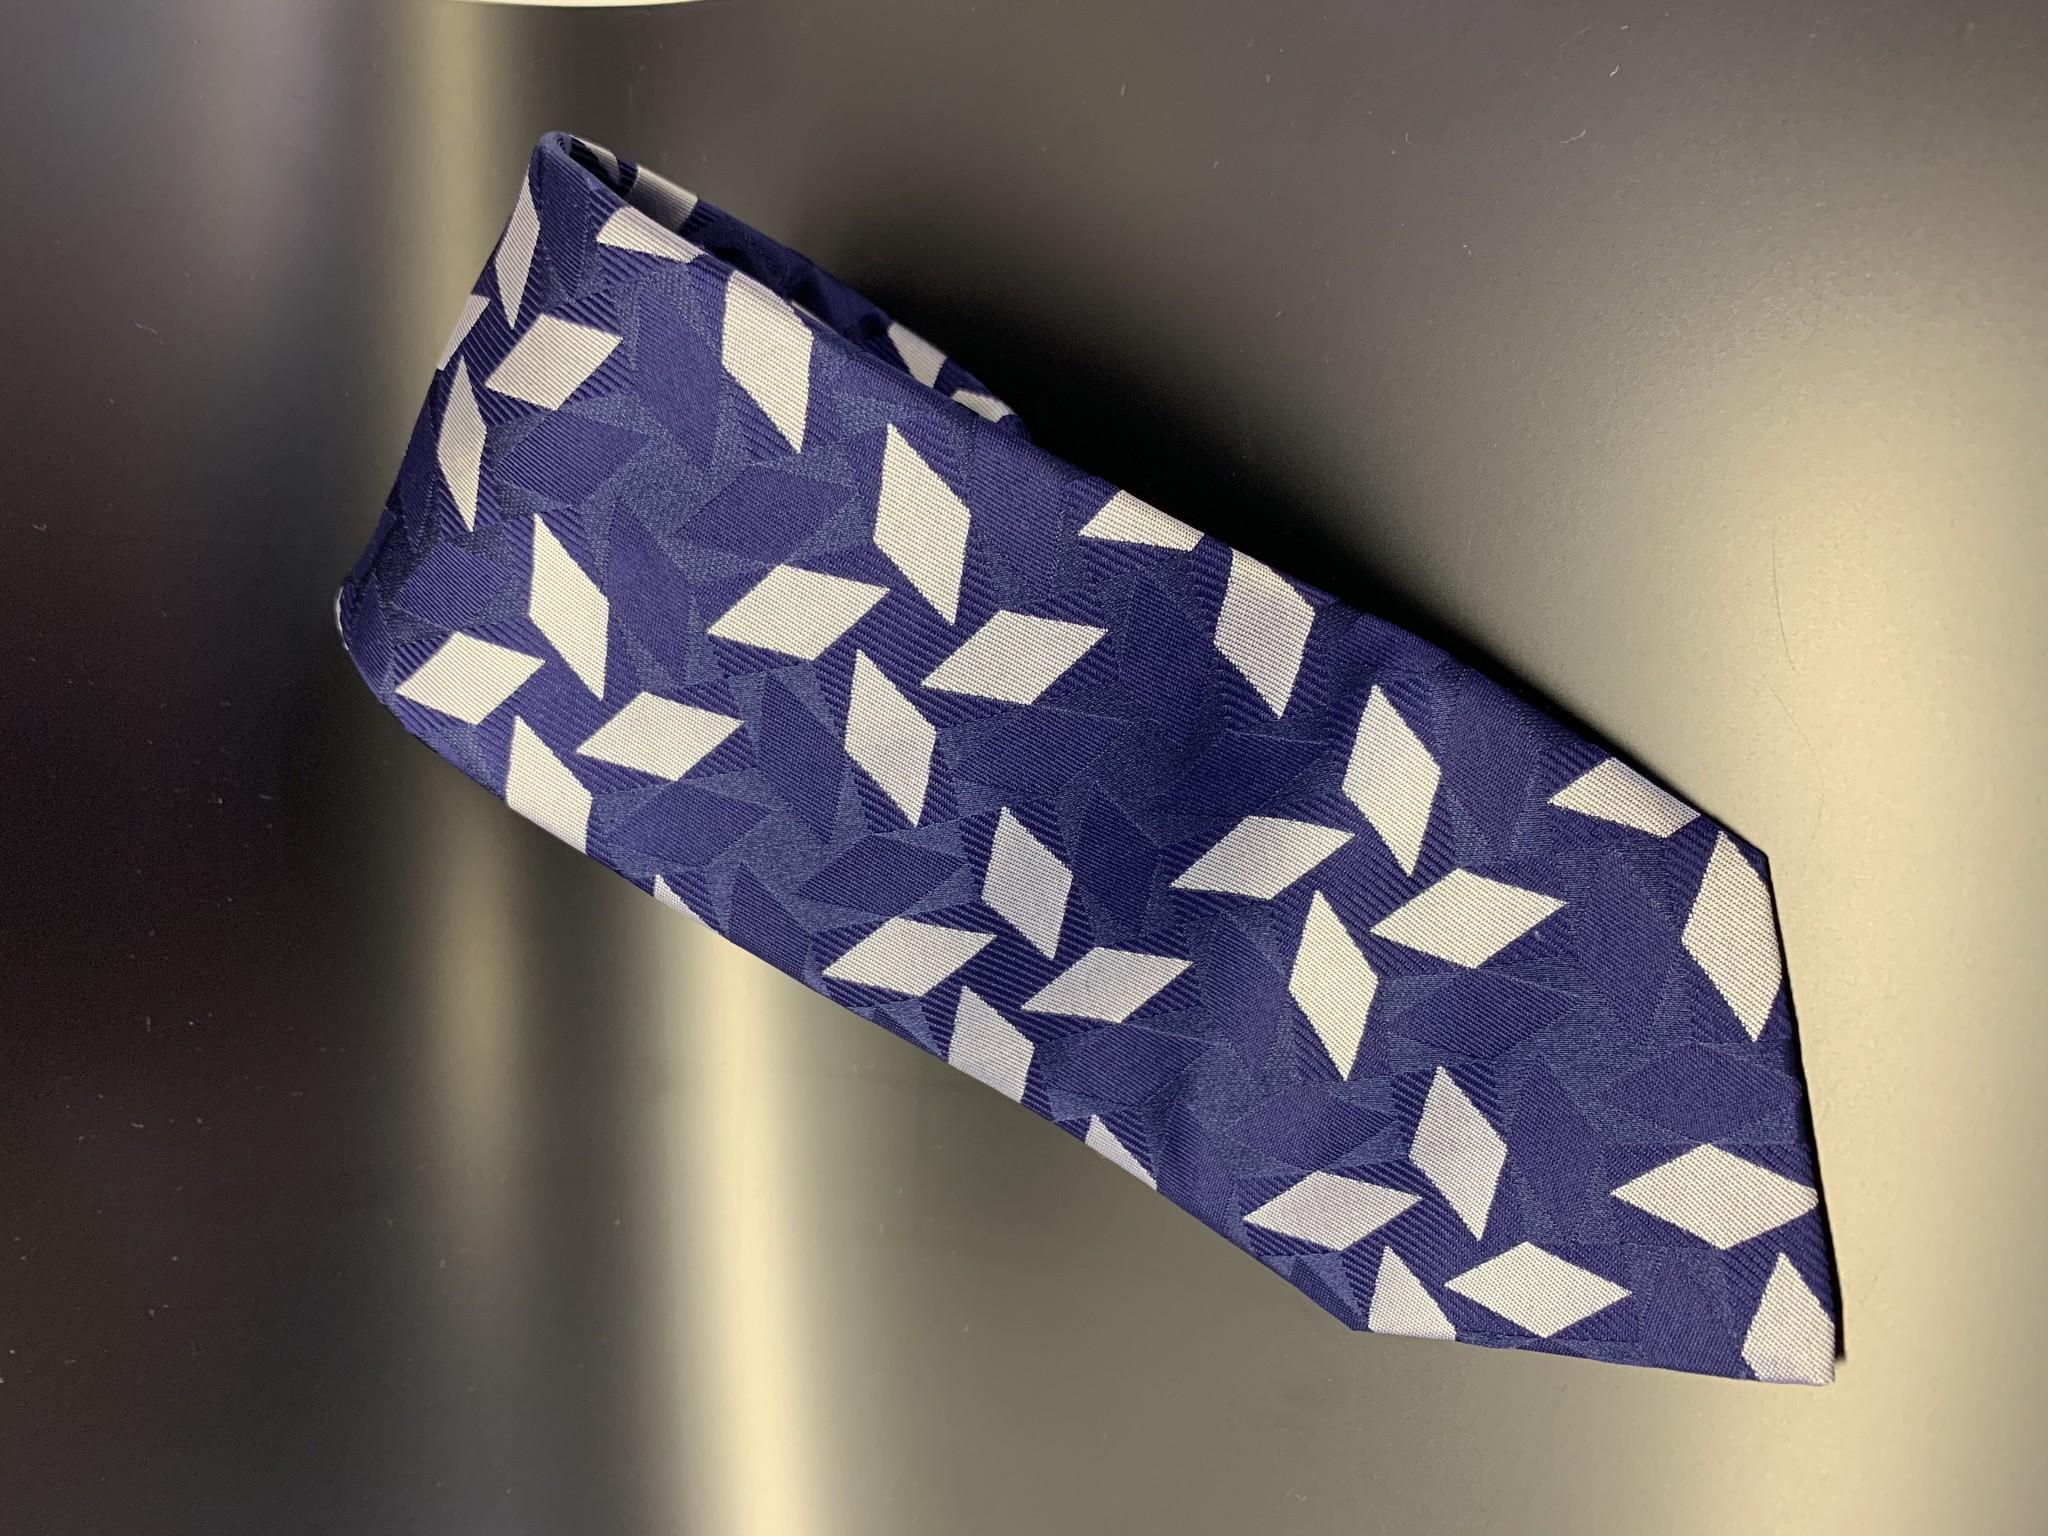 ネクタイは好きですか?